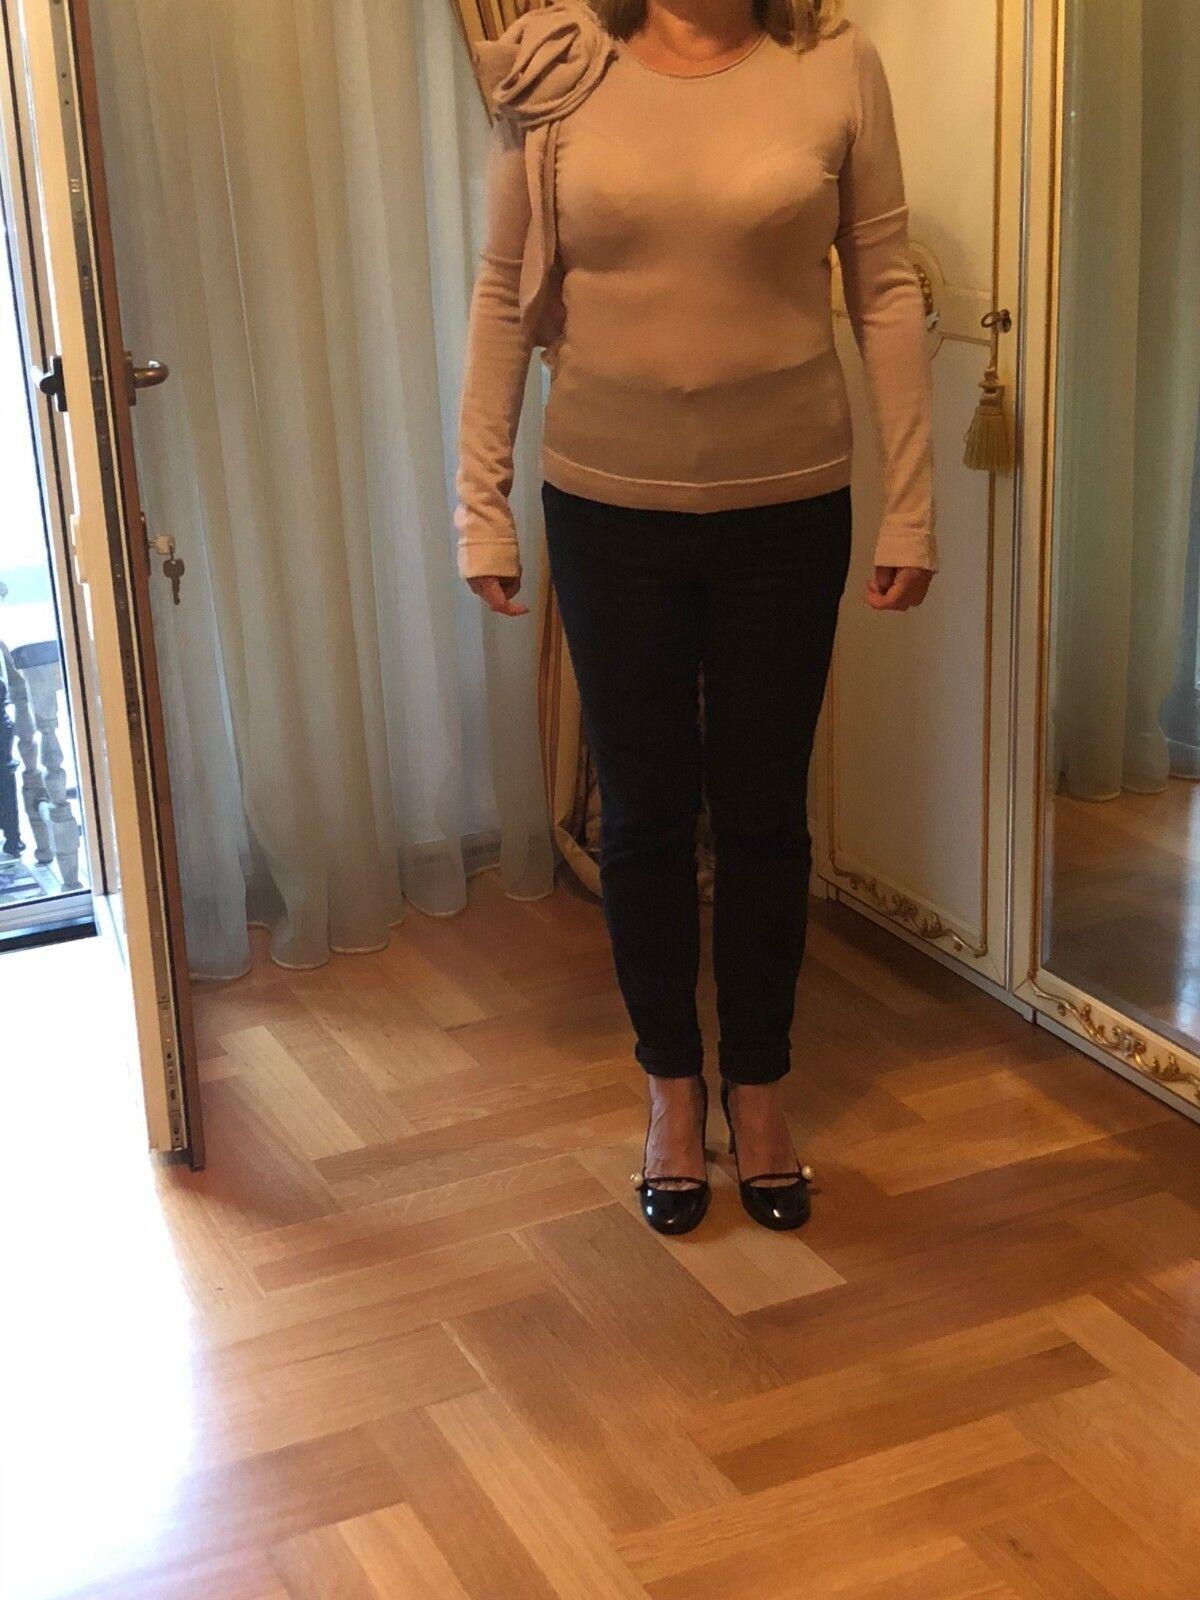 Valentino Nude Top. Fabriqué en Italie. 100% laine. Taille L.